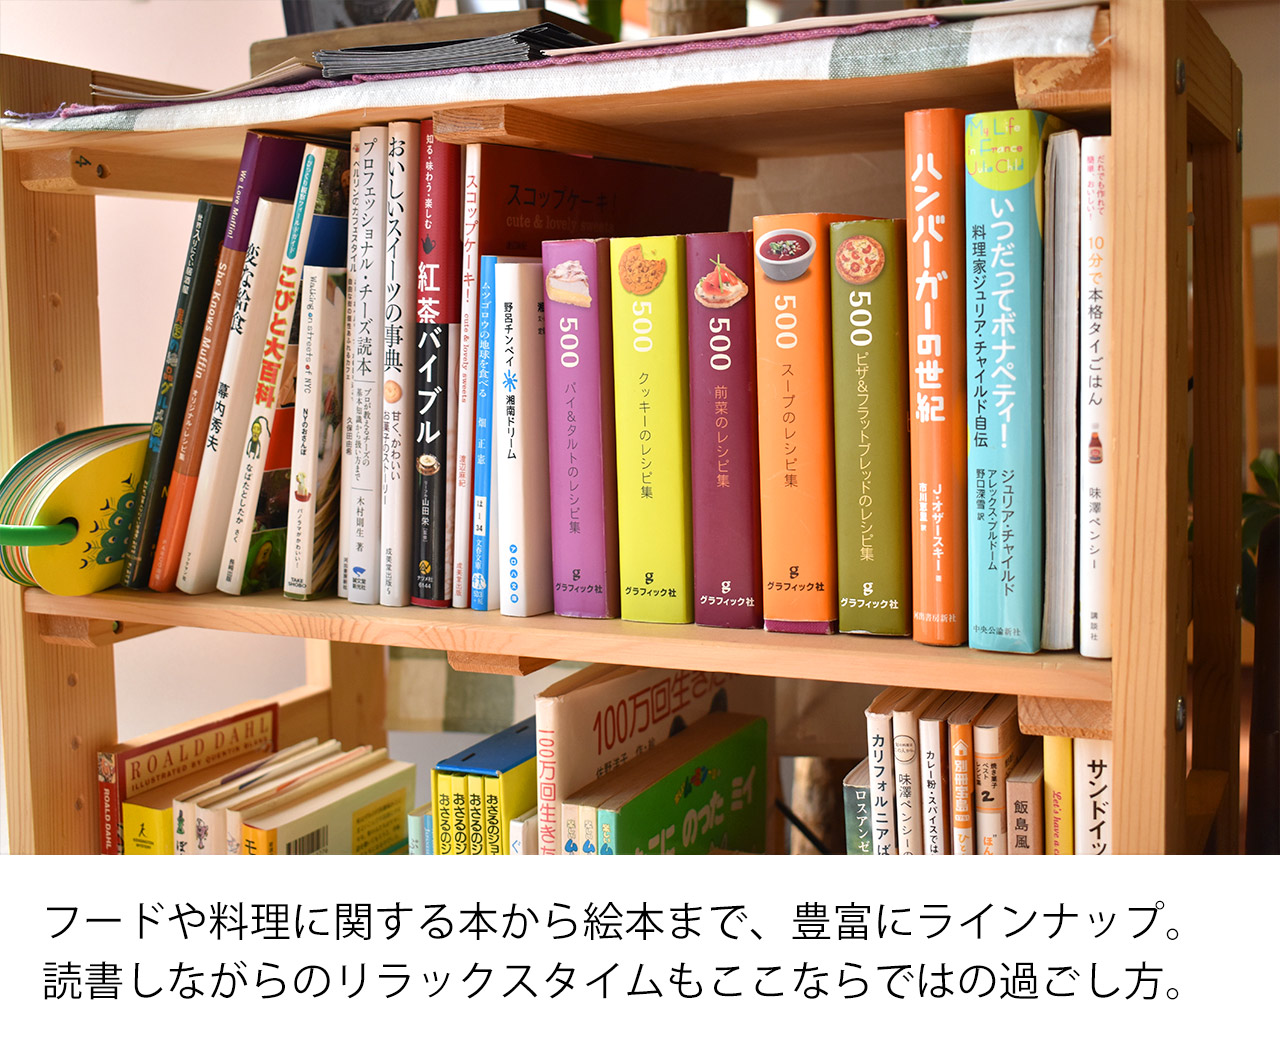 フードや料理に関する本から絵本まで、豊富にラインナップ。読書しながらのリラックスタイムもここならではの過ごし方。